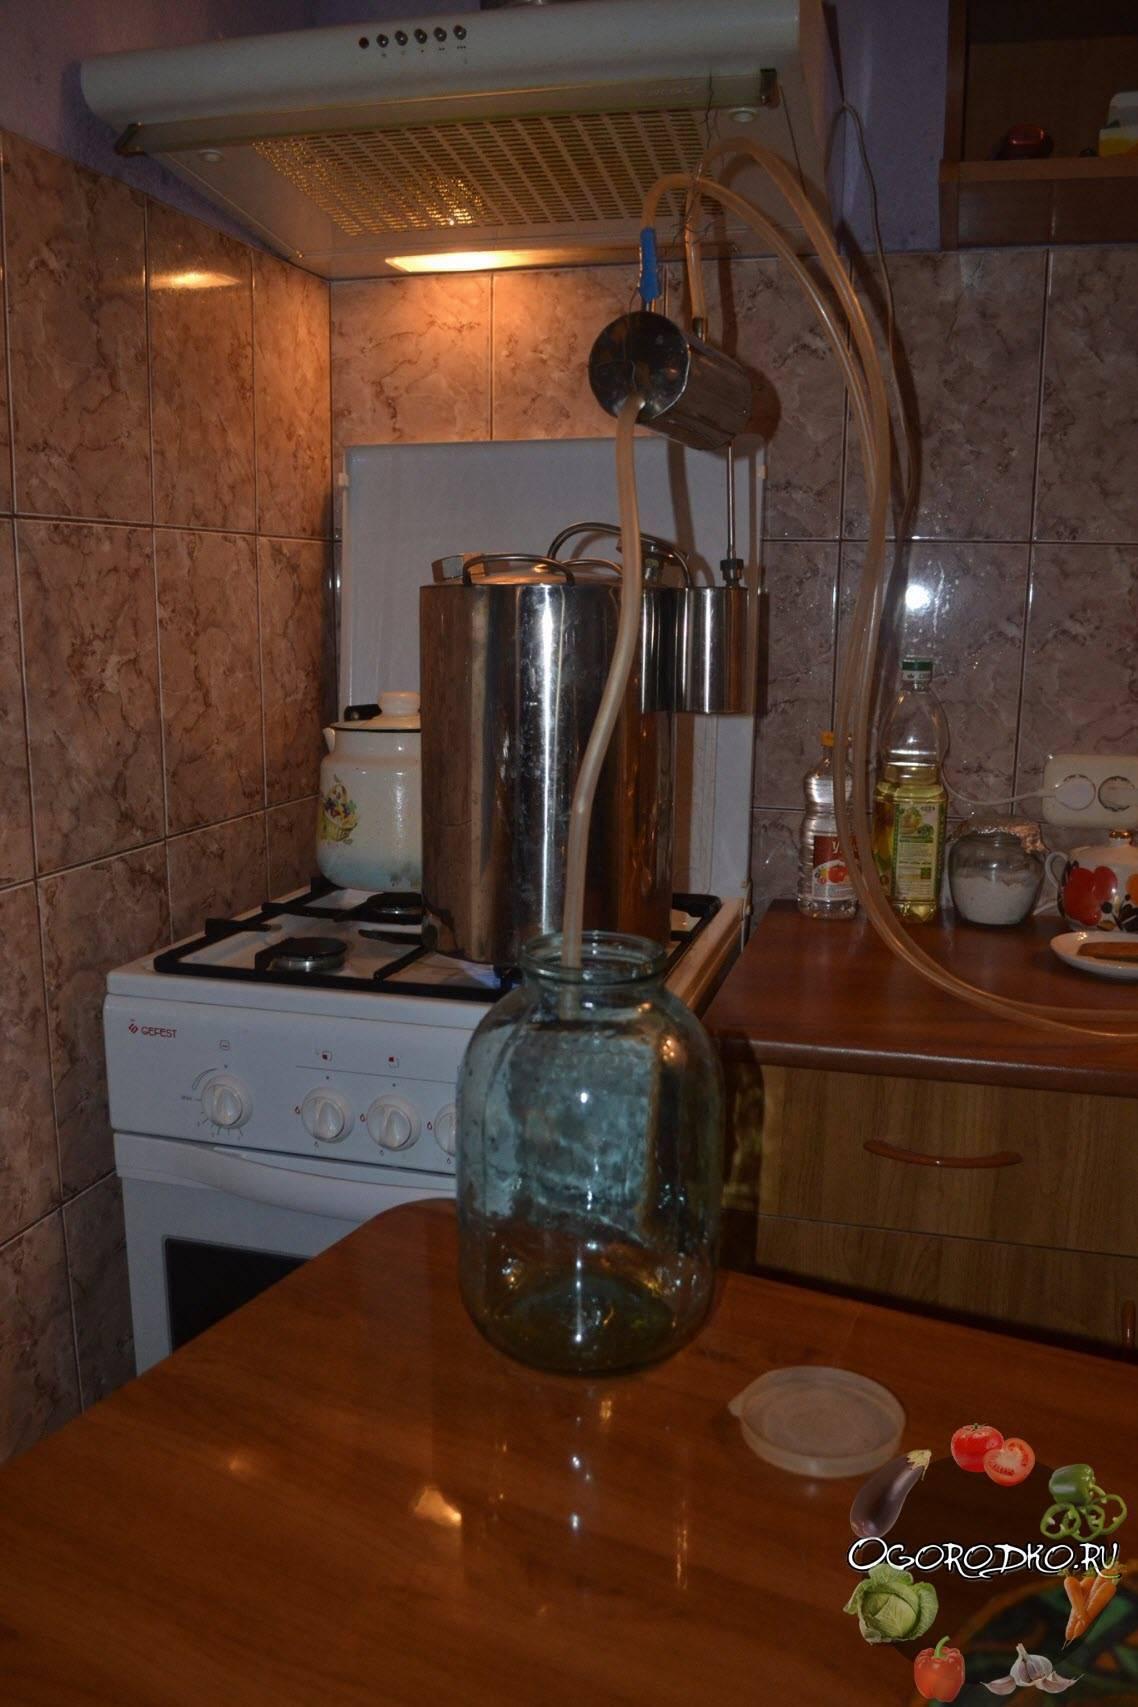 Домашняя чача из винограда – простые рецепты. готовим кристально чистую чачу из винограда в домашних условиях - автор екатерина данилова - журнал женское мнение